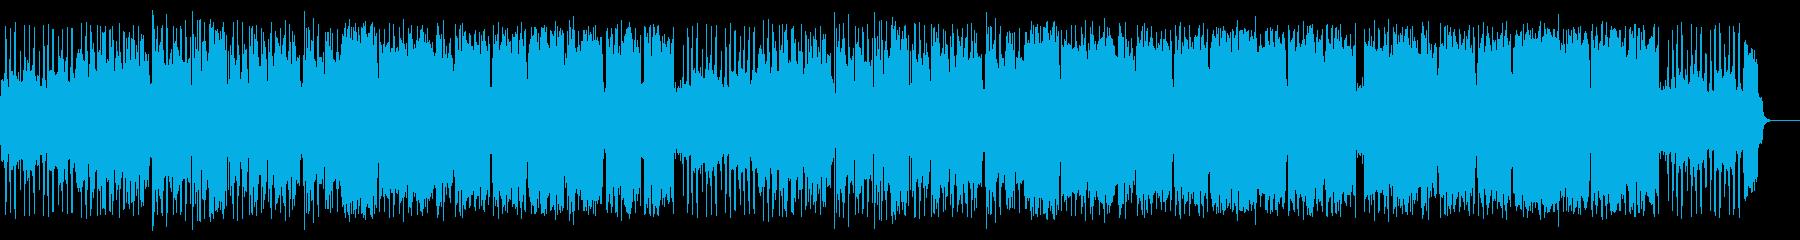 レトロな哀愁をアコーディオンでタンゴ演奏の再生済みの波形